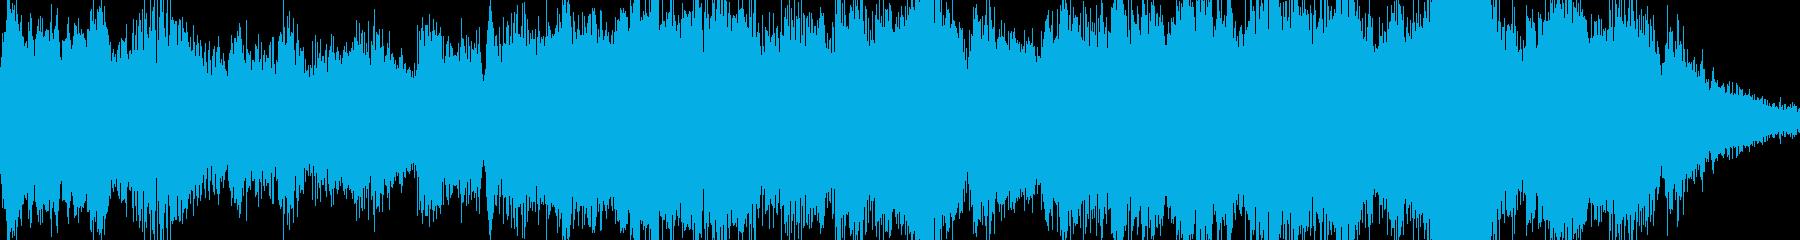 戦闘系に合う緊張感のあるオーケストラの再生済みの波形